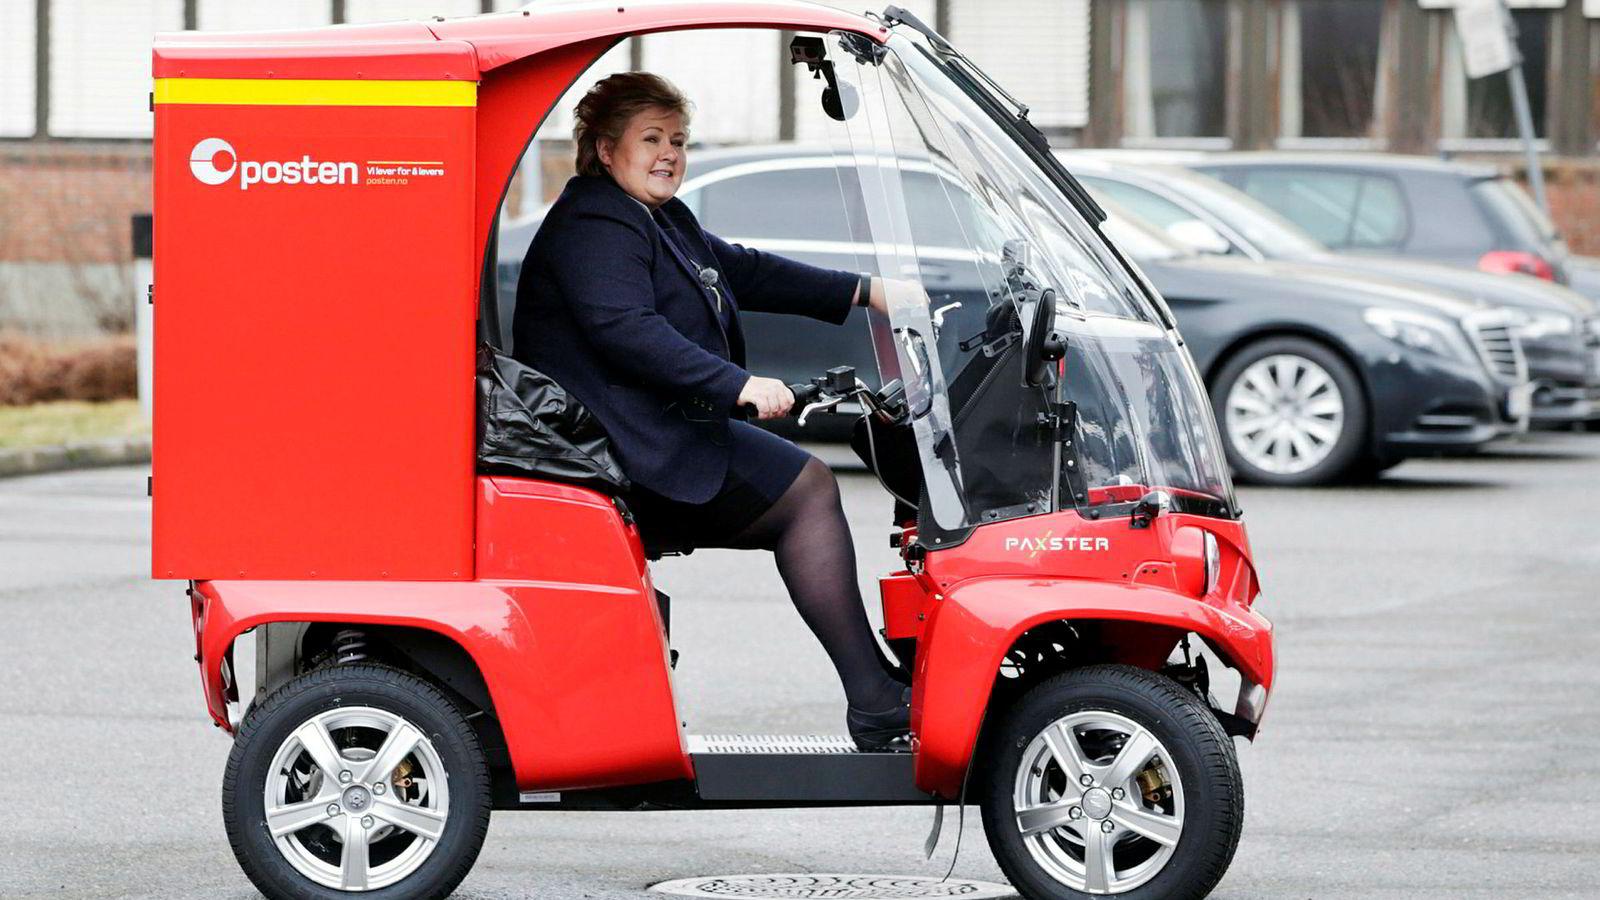 Tirsdag kveld sørget regjeringspartiene for flertall for å endre postloven. Fra 1. juli neste år vil det dermed bli postlevering annenhver ukedag. Her prøvekjører statsminister Erna Solberg (H) en postbil.